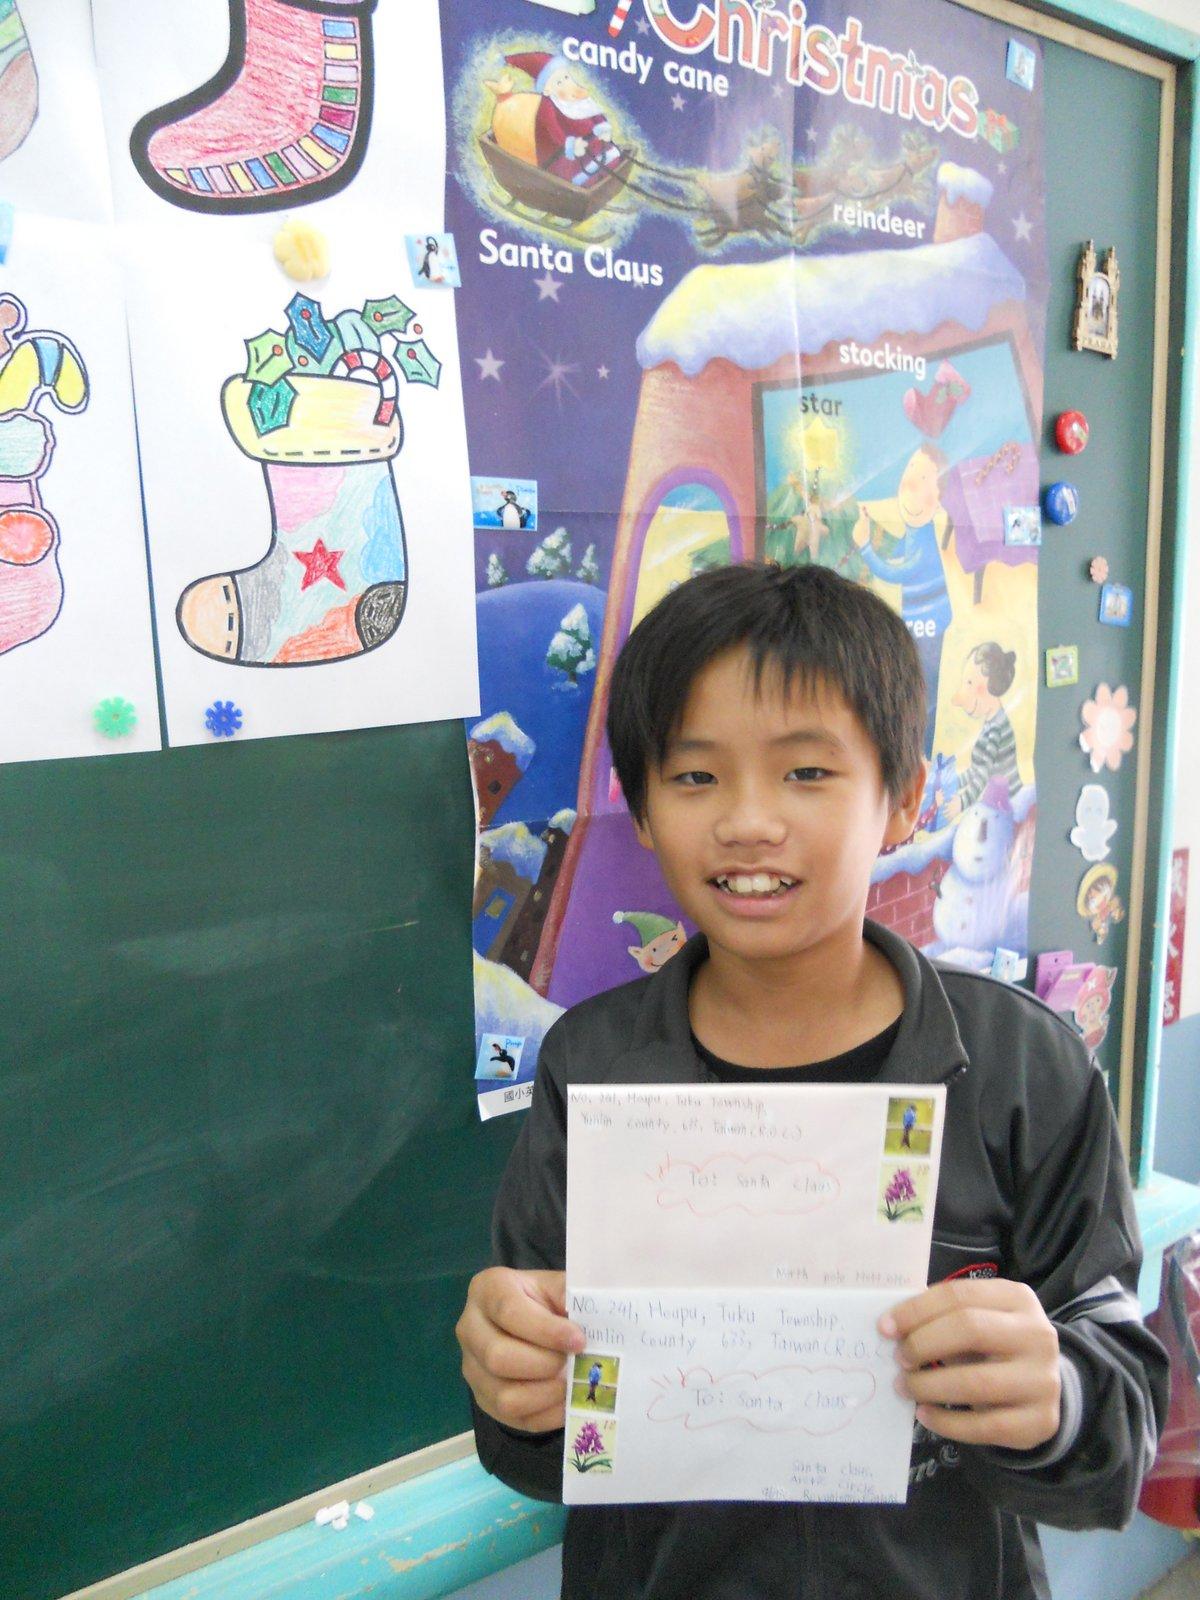 學校活動照片: 英語美勞融入:寫信給聖誕老人(實用美語)